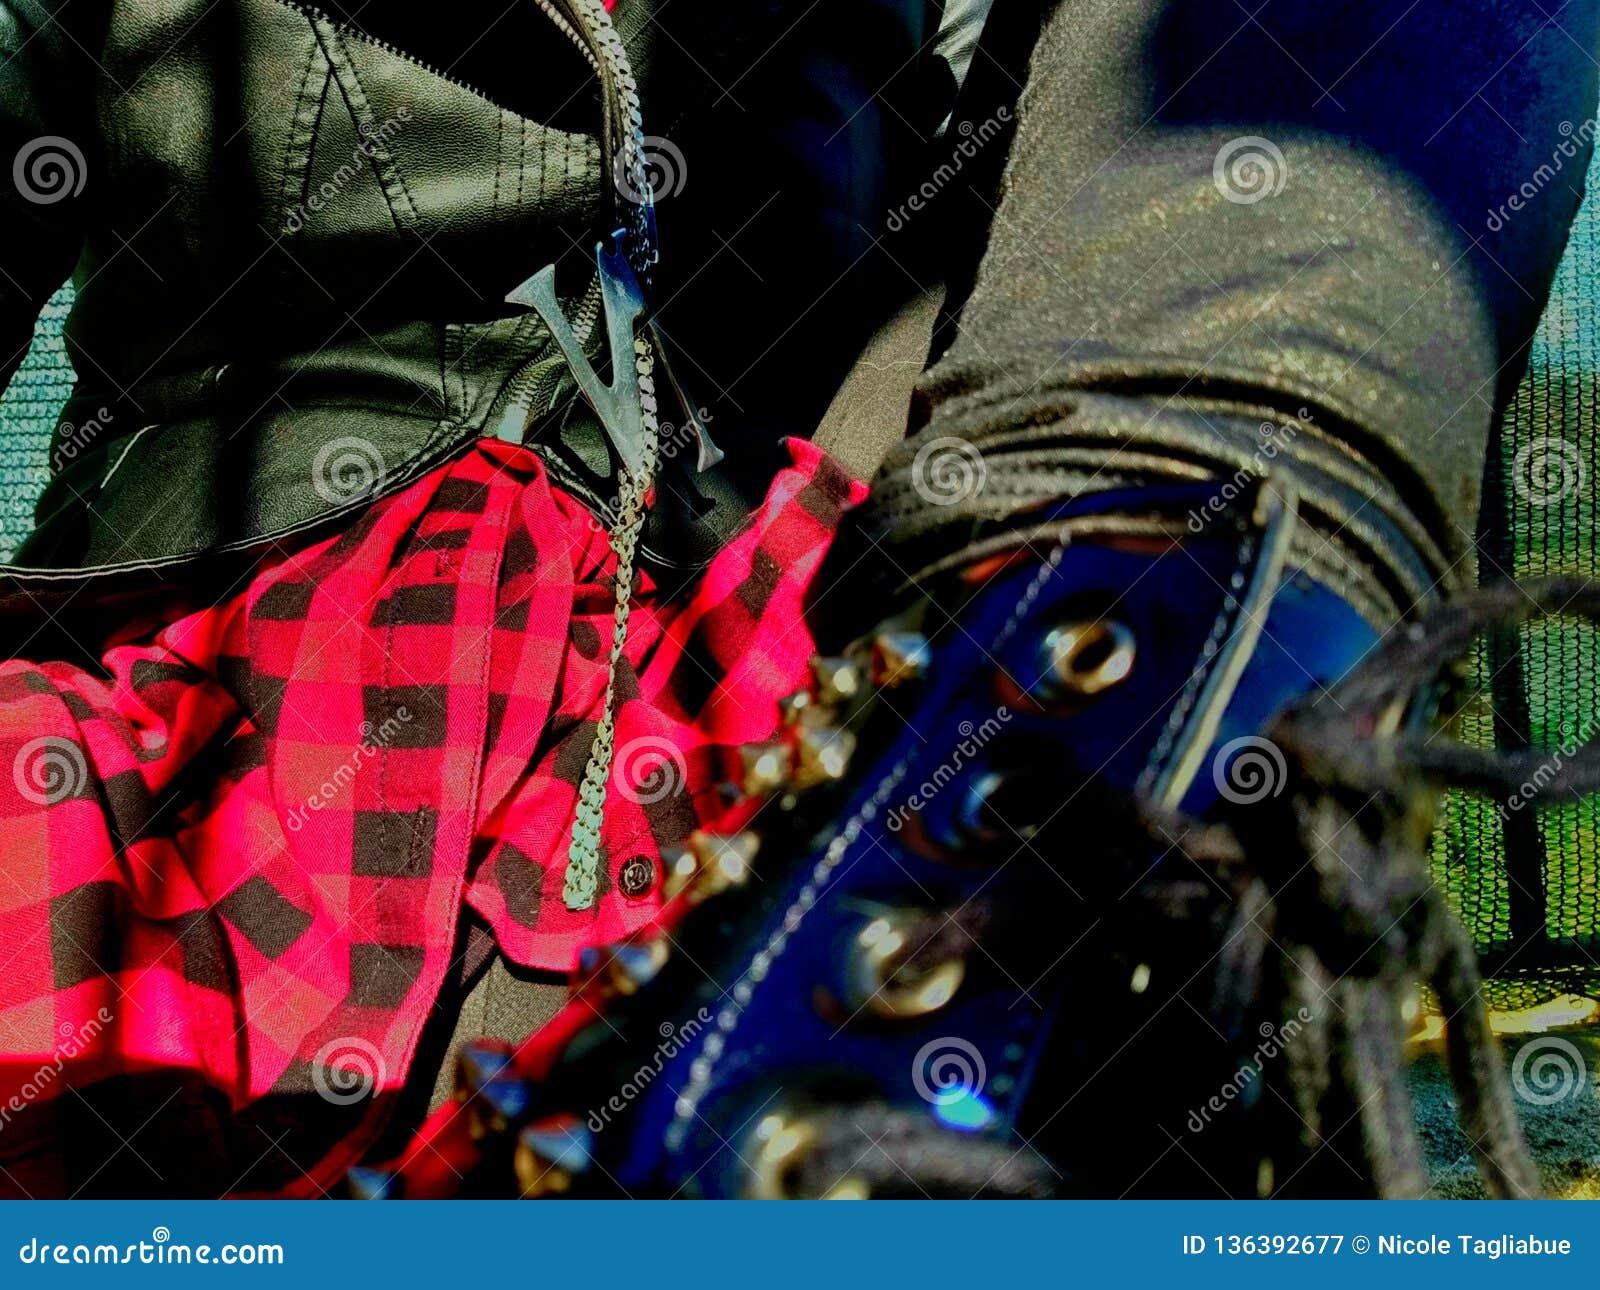 Plan rapproché sur les détails fascinants de style de punk rock, les tissus et les accessoires - botte de fille, la chemise rouge